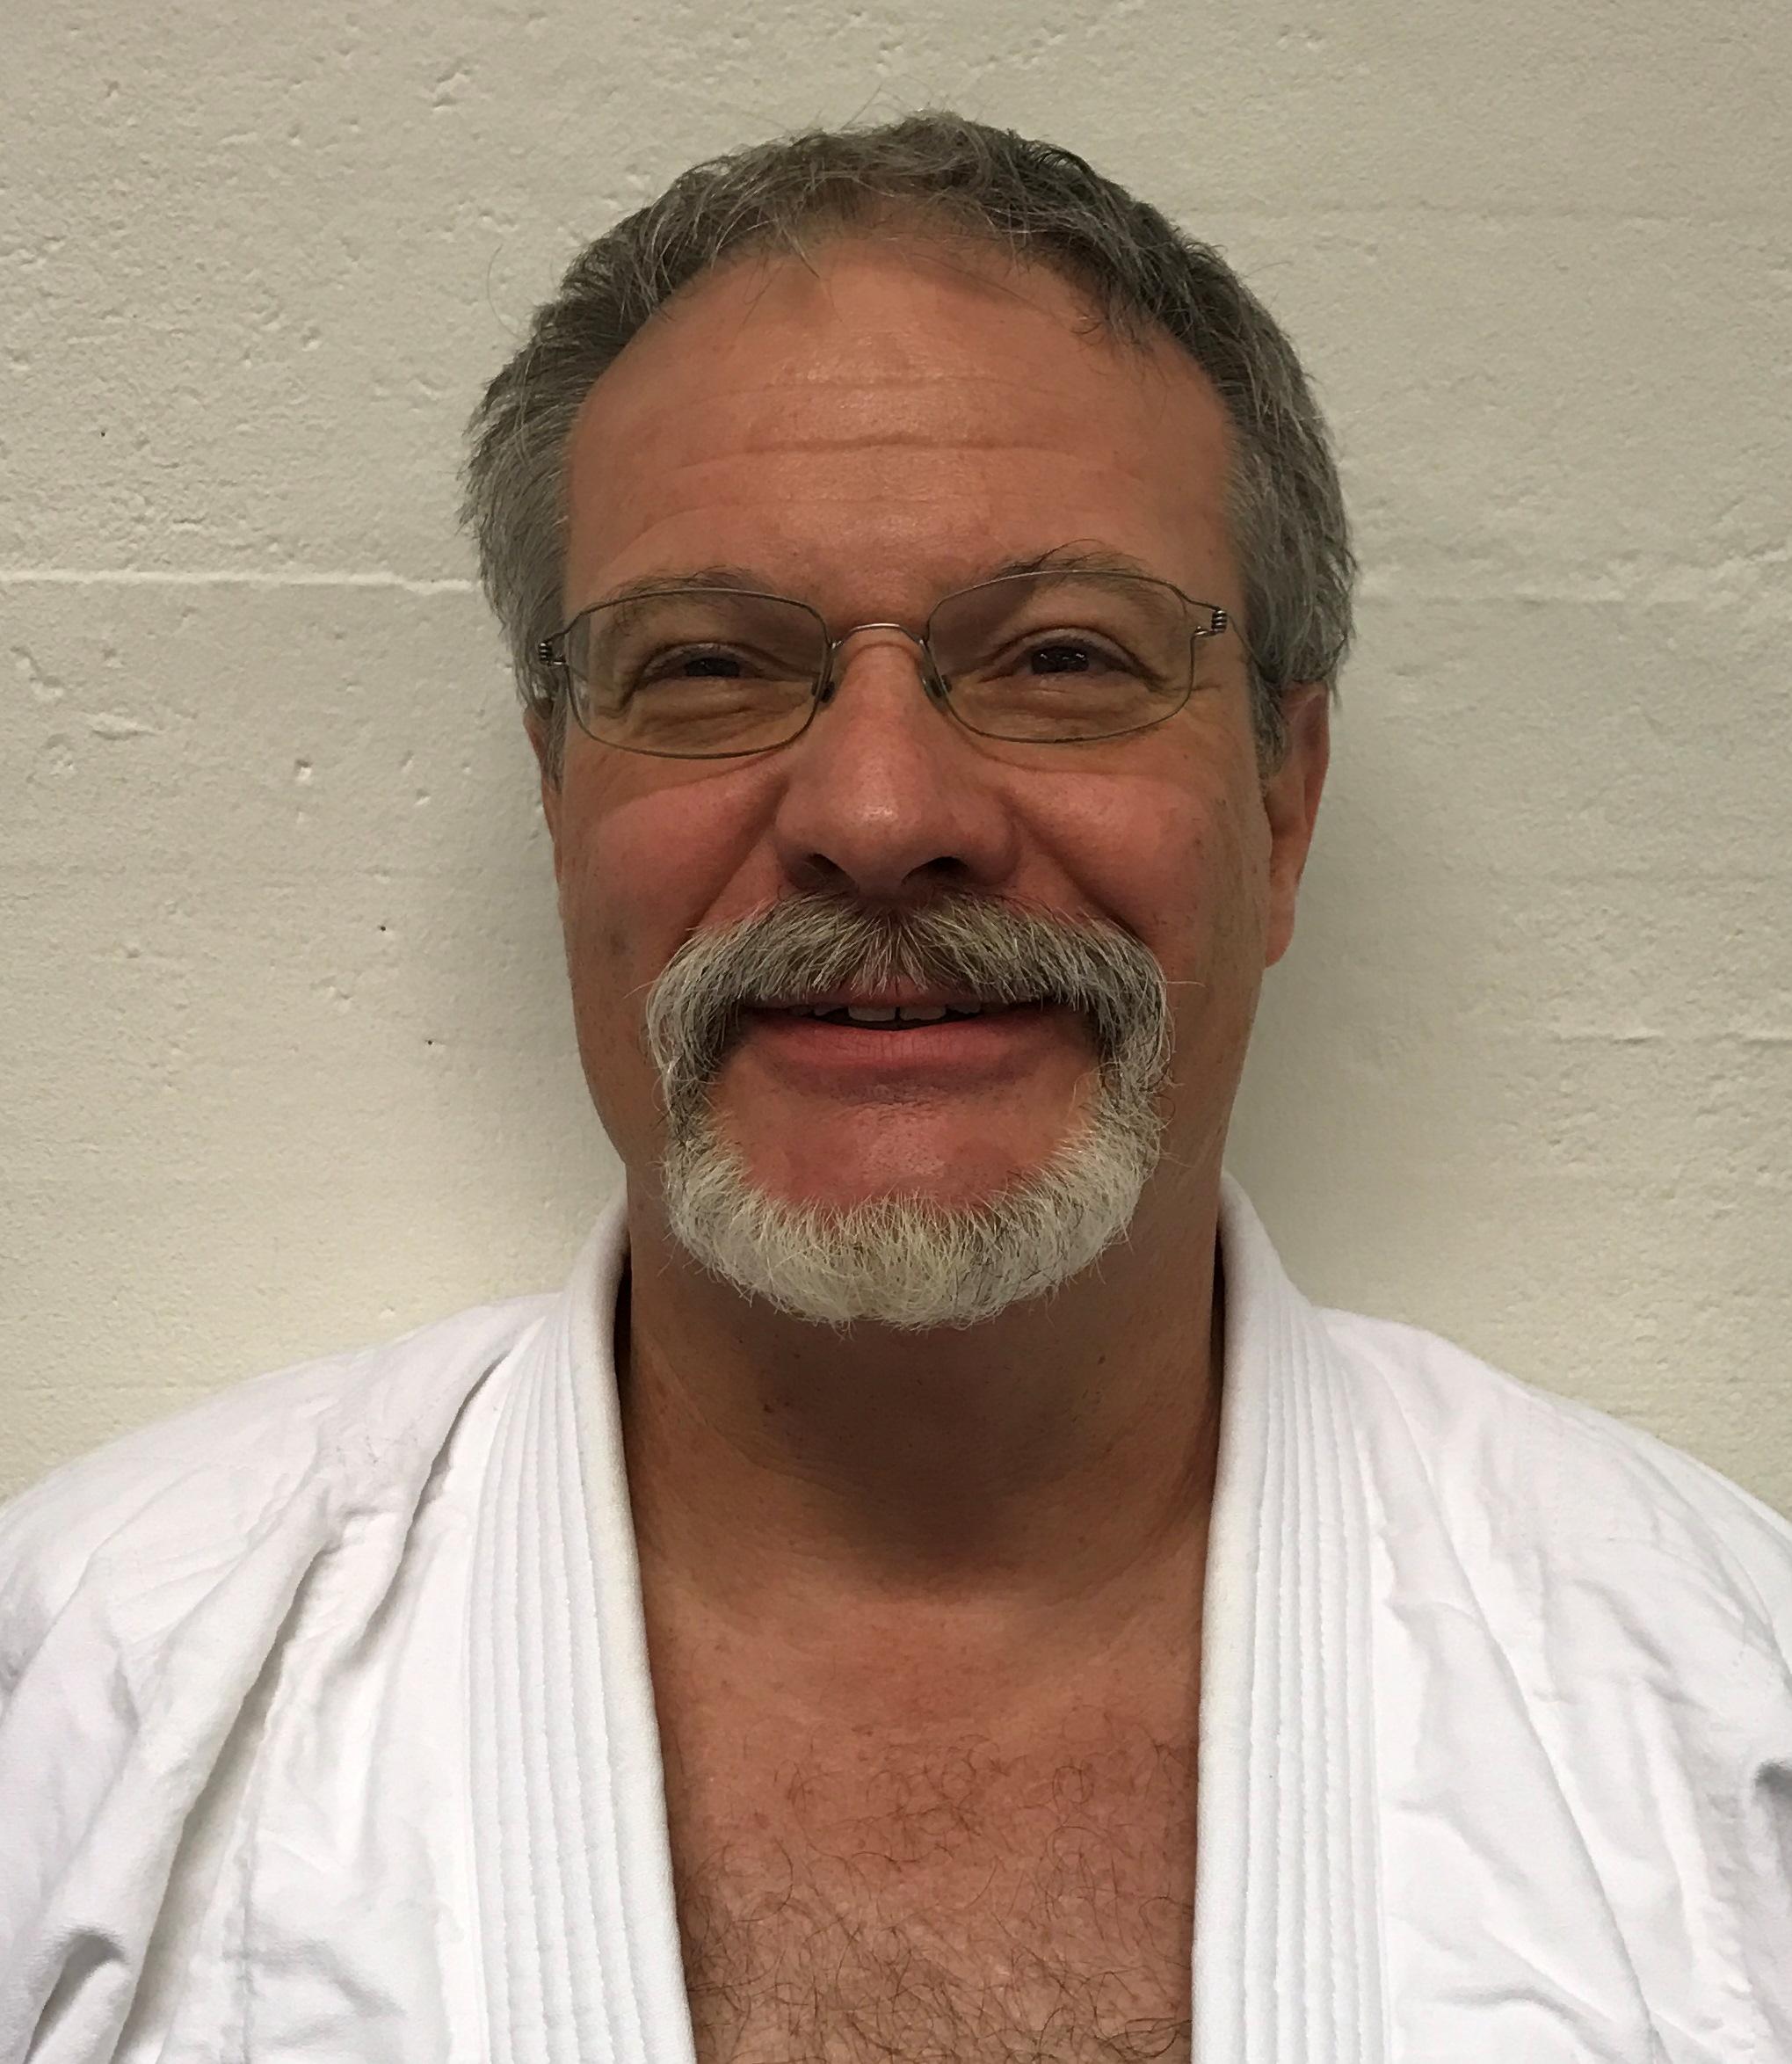 Alexander Weber (1. Dan) : Kursleiter Selbstverteidigung / Trainer Ju-Jitsu Jugend und Erwachsene